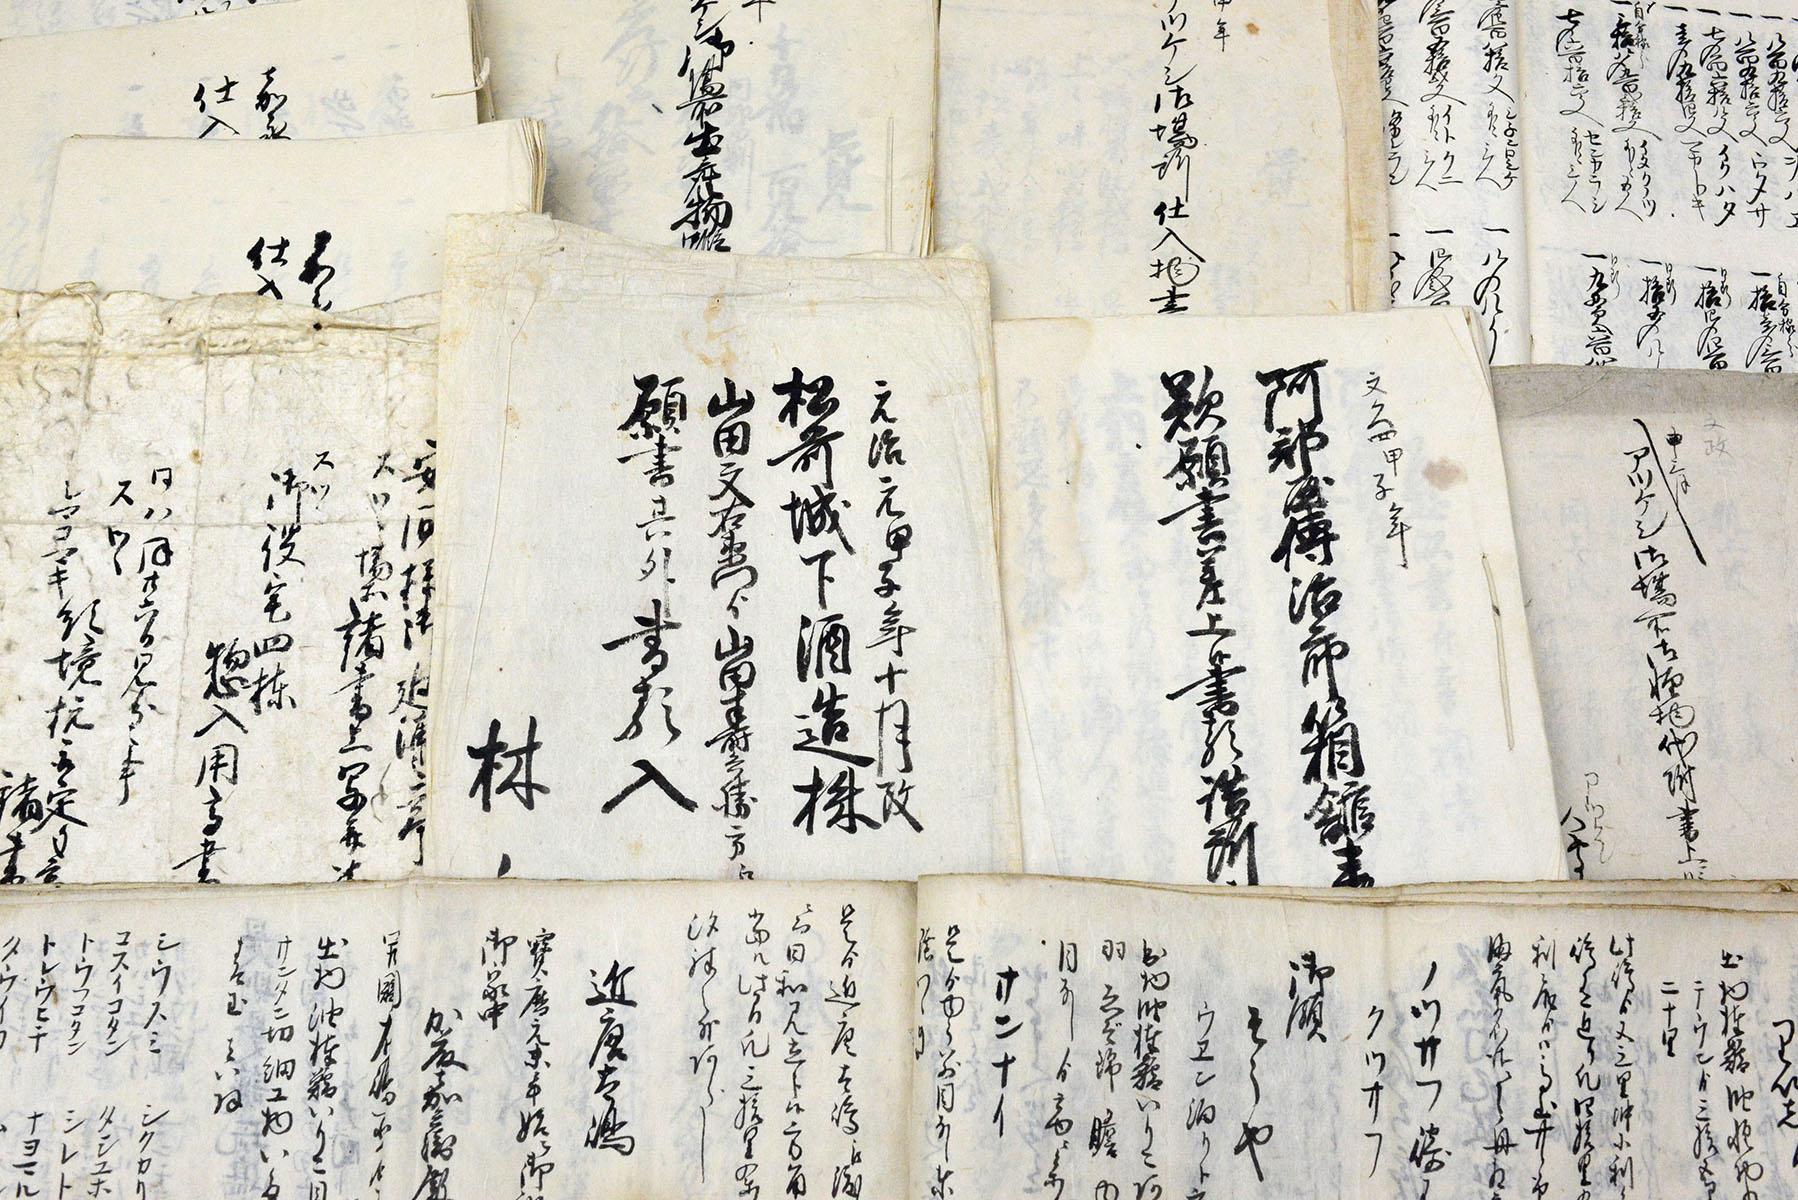 ≪第7回から開催予定≫<br>ちゃれんが古文書クラブ(全12回)